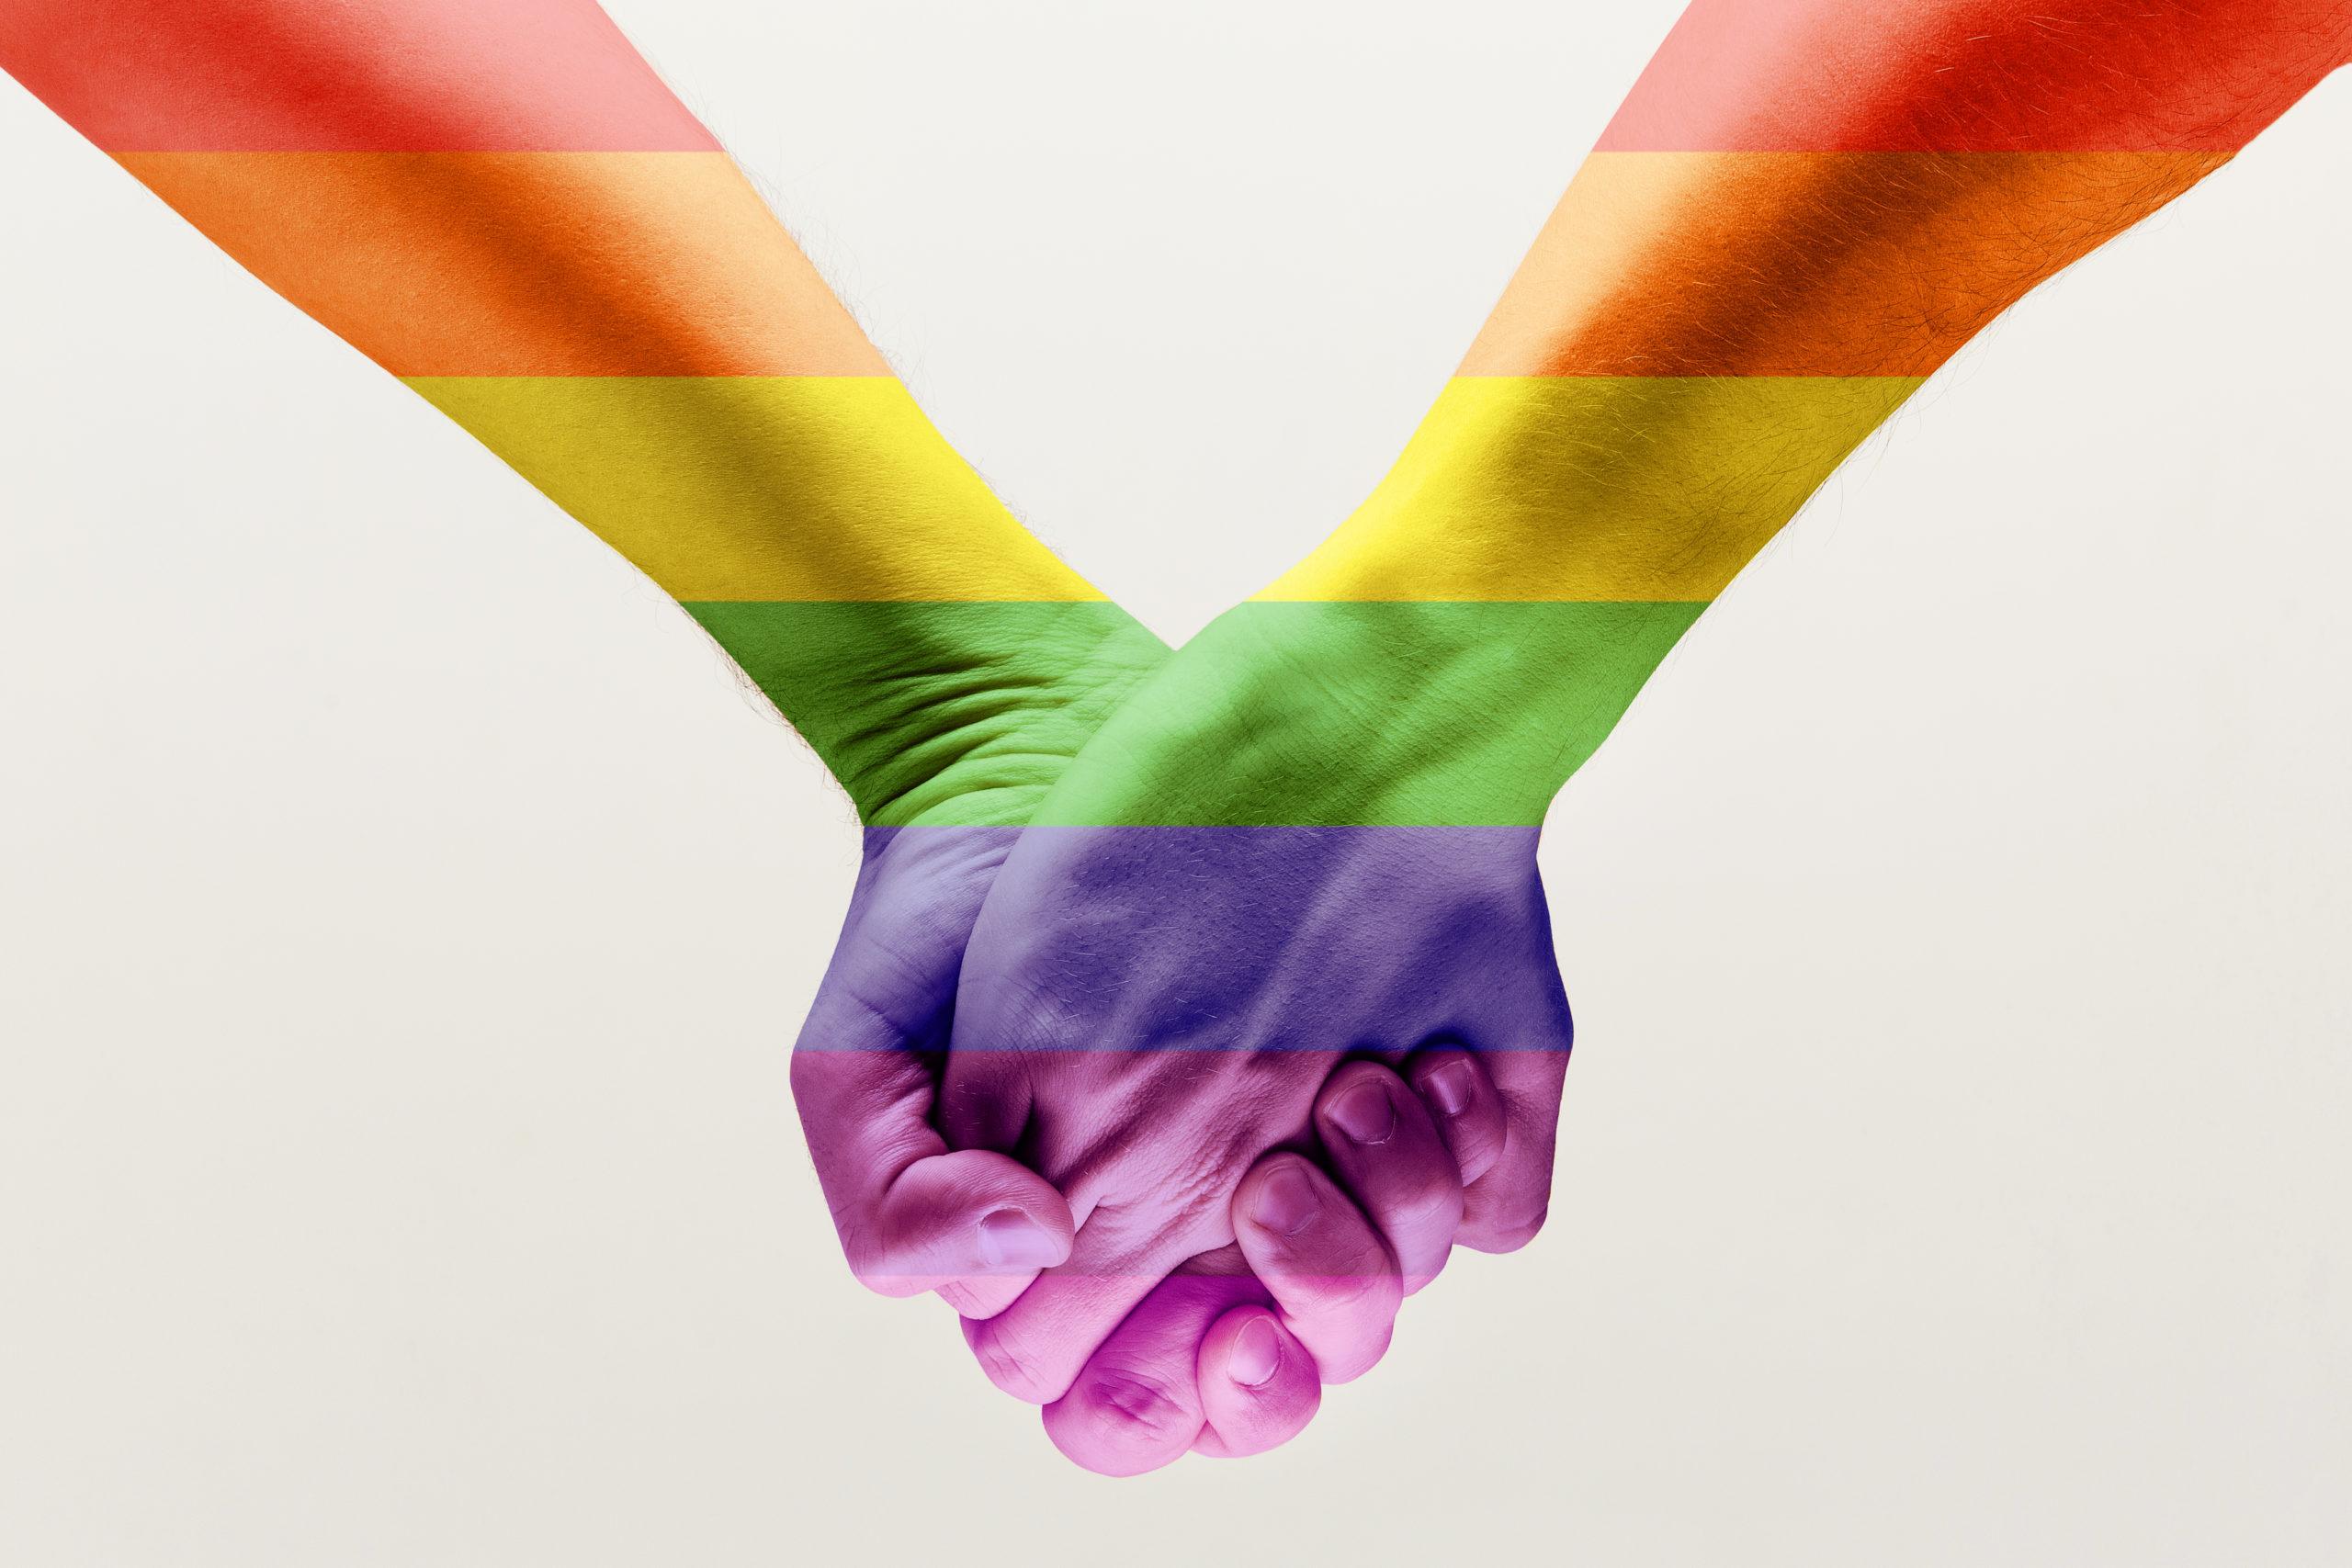 Homofobia w miejscu pracy